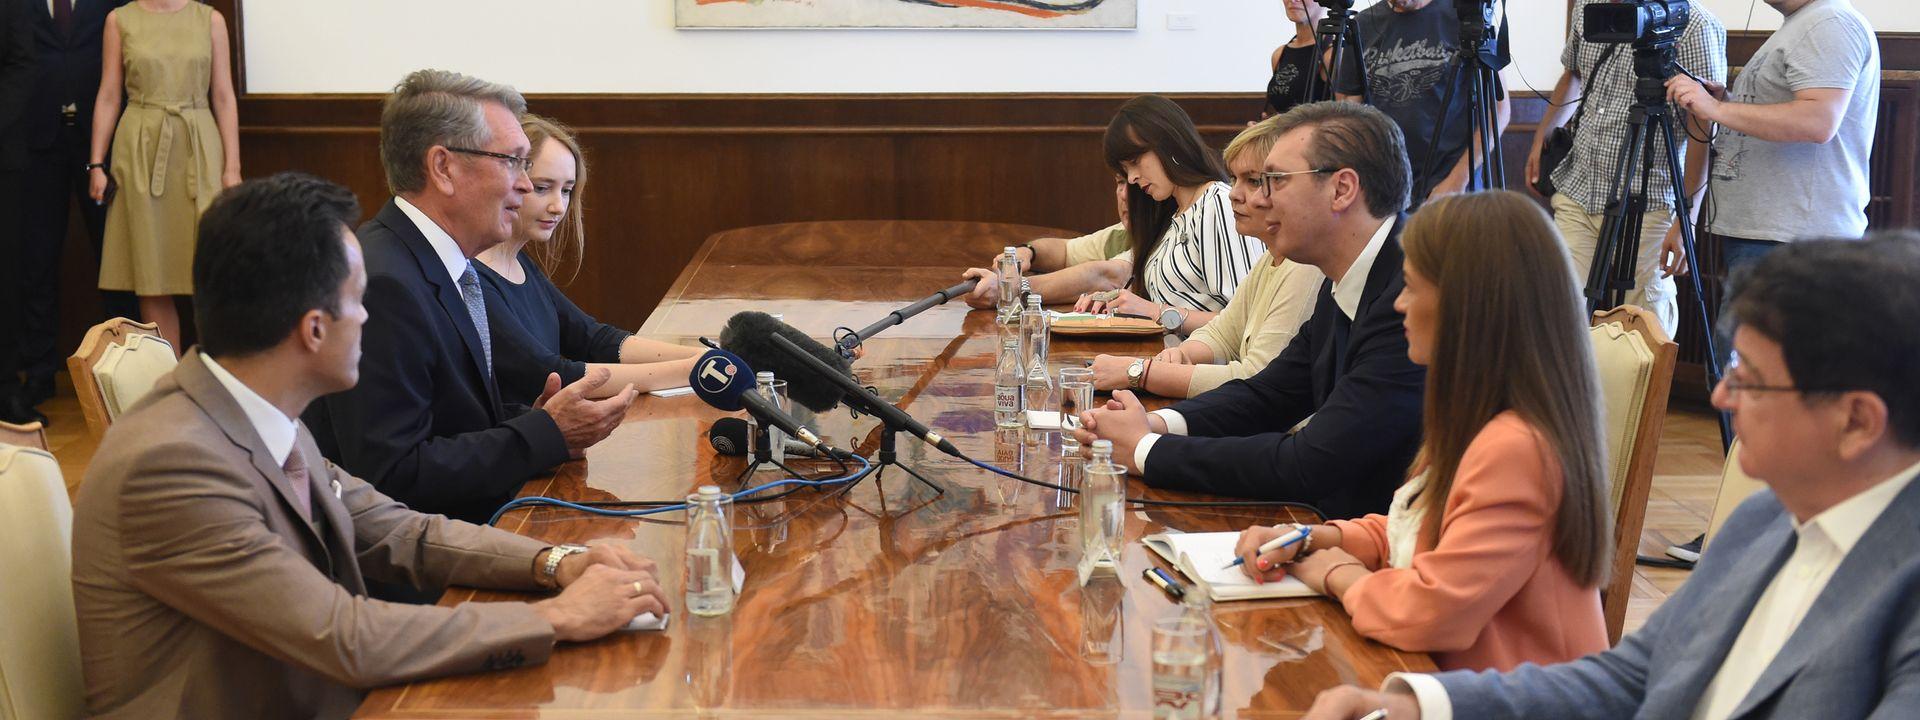 Вучић Чепурину: Када год нам је била потребна помоћ у међународним организацијама, ви сте те били ту